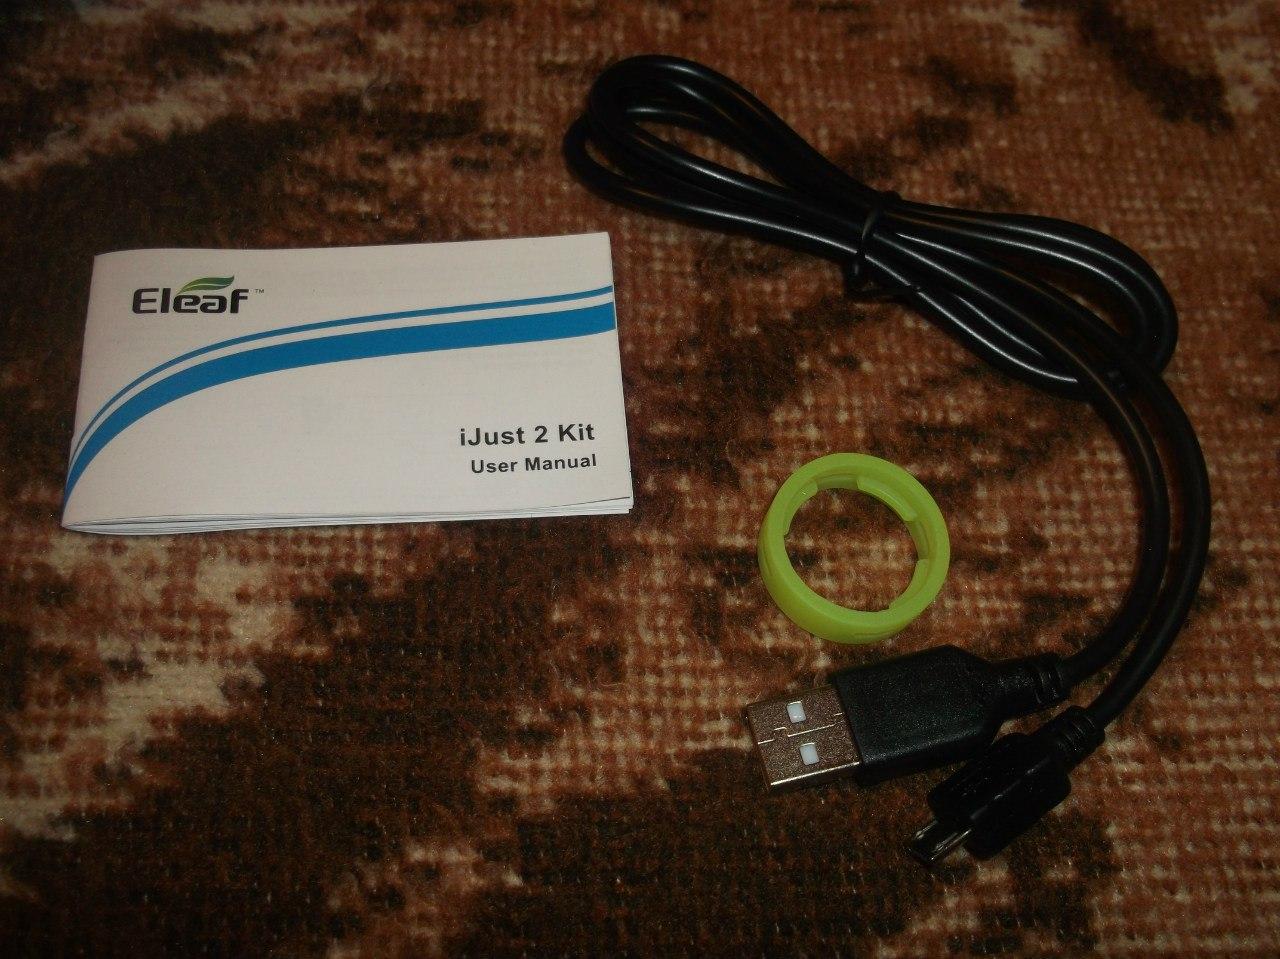 Стартовый набор для новичка - Eleaf Ijust 2+атомайзер для самостоятельной намотки (Goblin mini)